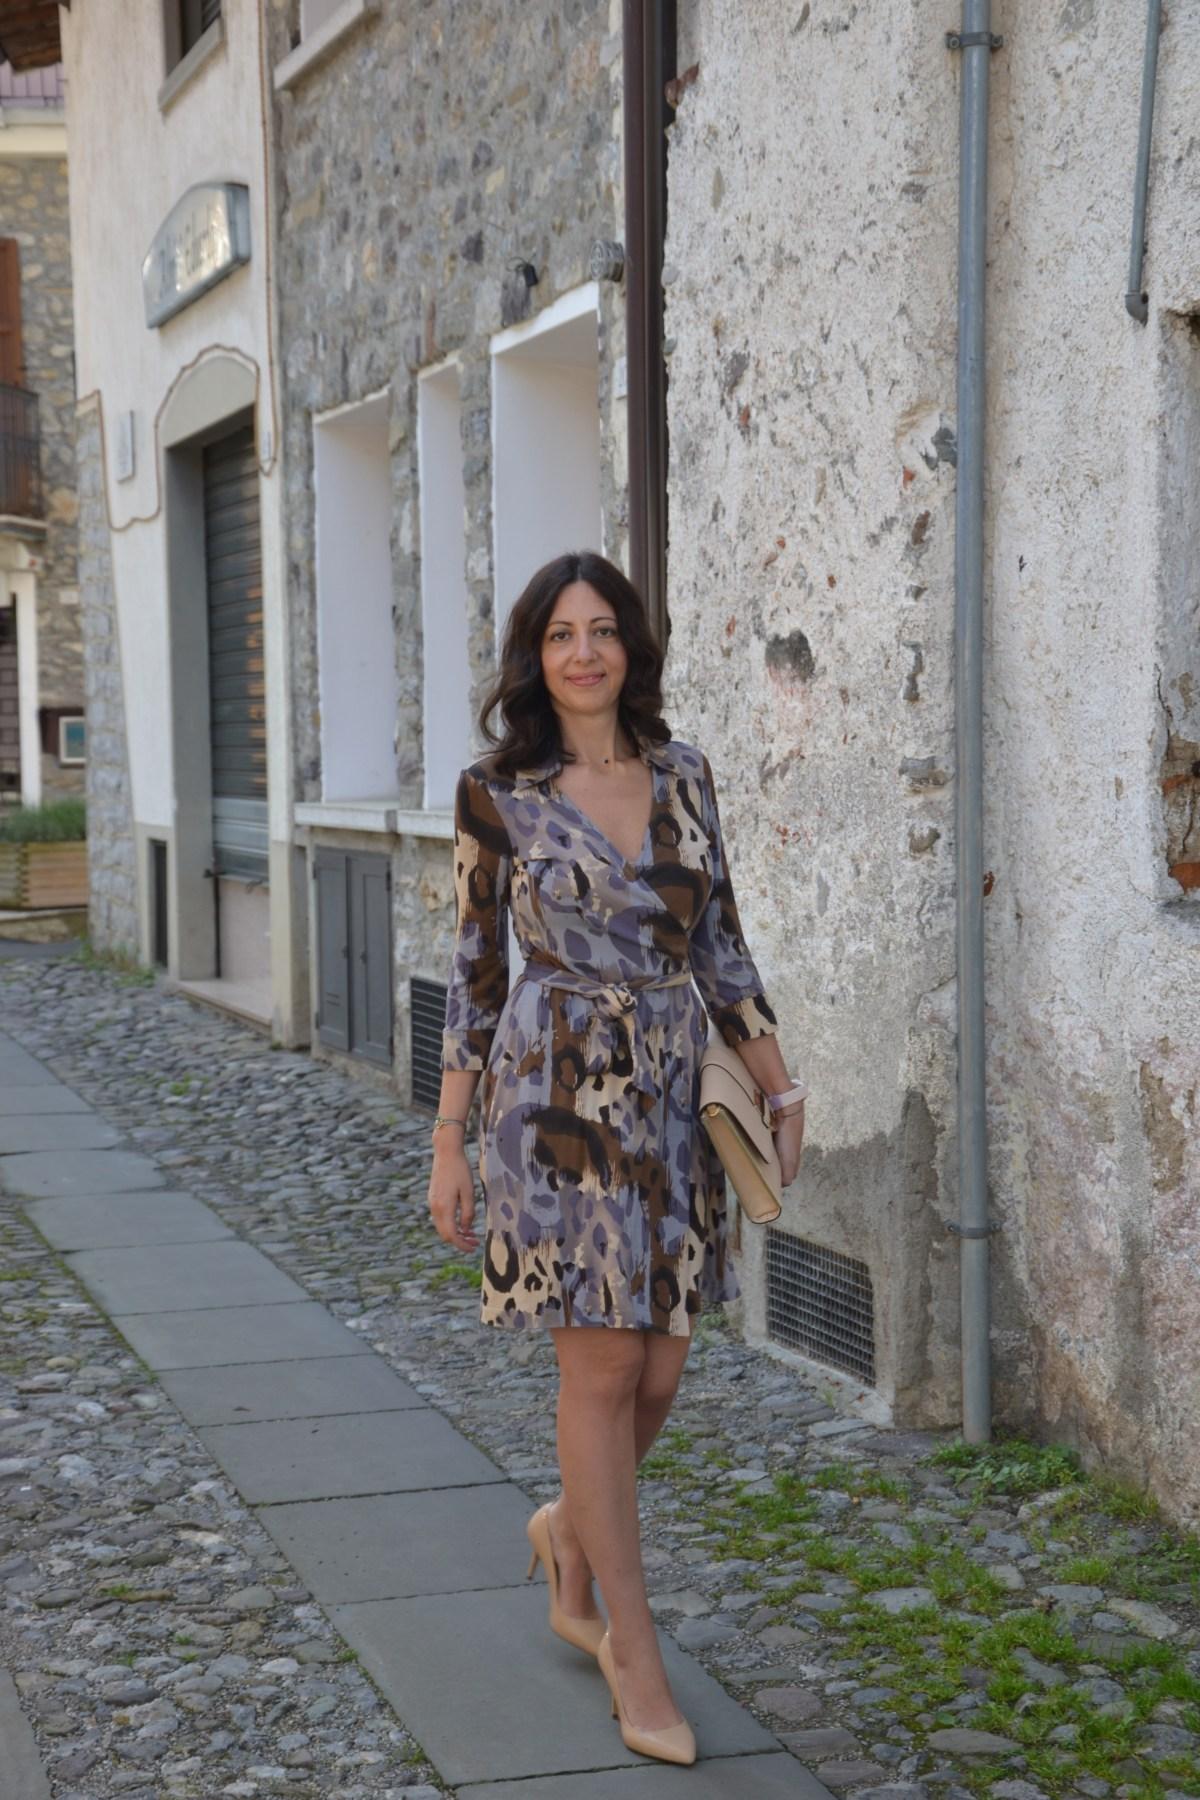 Come vestirsi per il primo appuntamento  10 consigli per l outfit perfetto  - The Fashion Cherry Diary b92685fda01